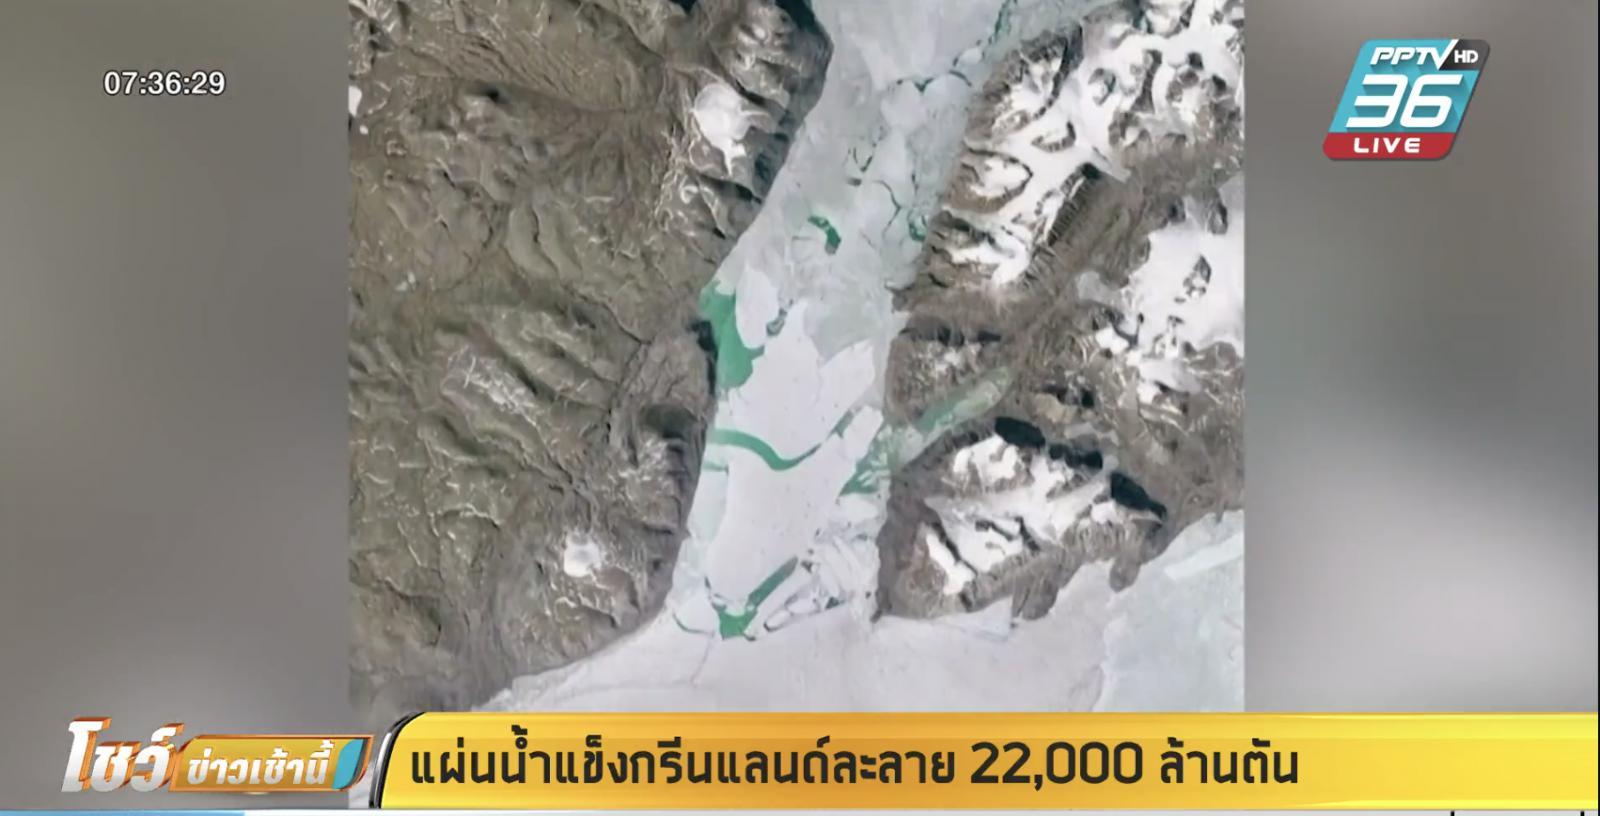 แผ่นน้ำแข็งกรีนแลนด์ละลาย 22,000 ล้านตัน